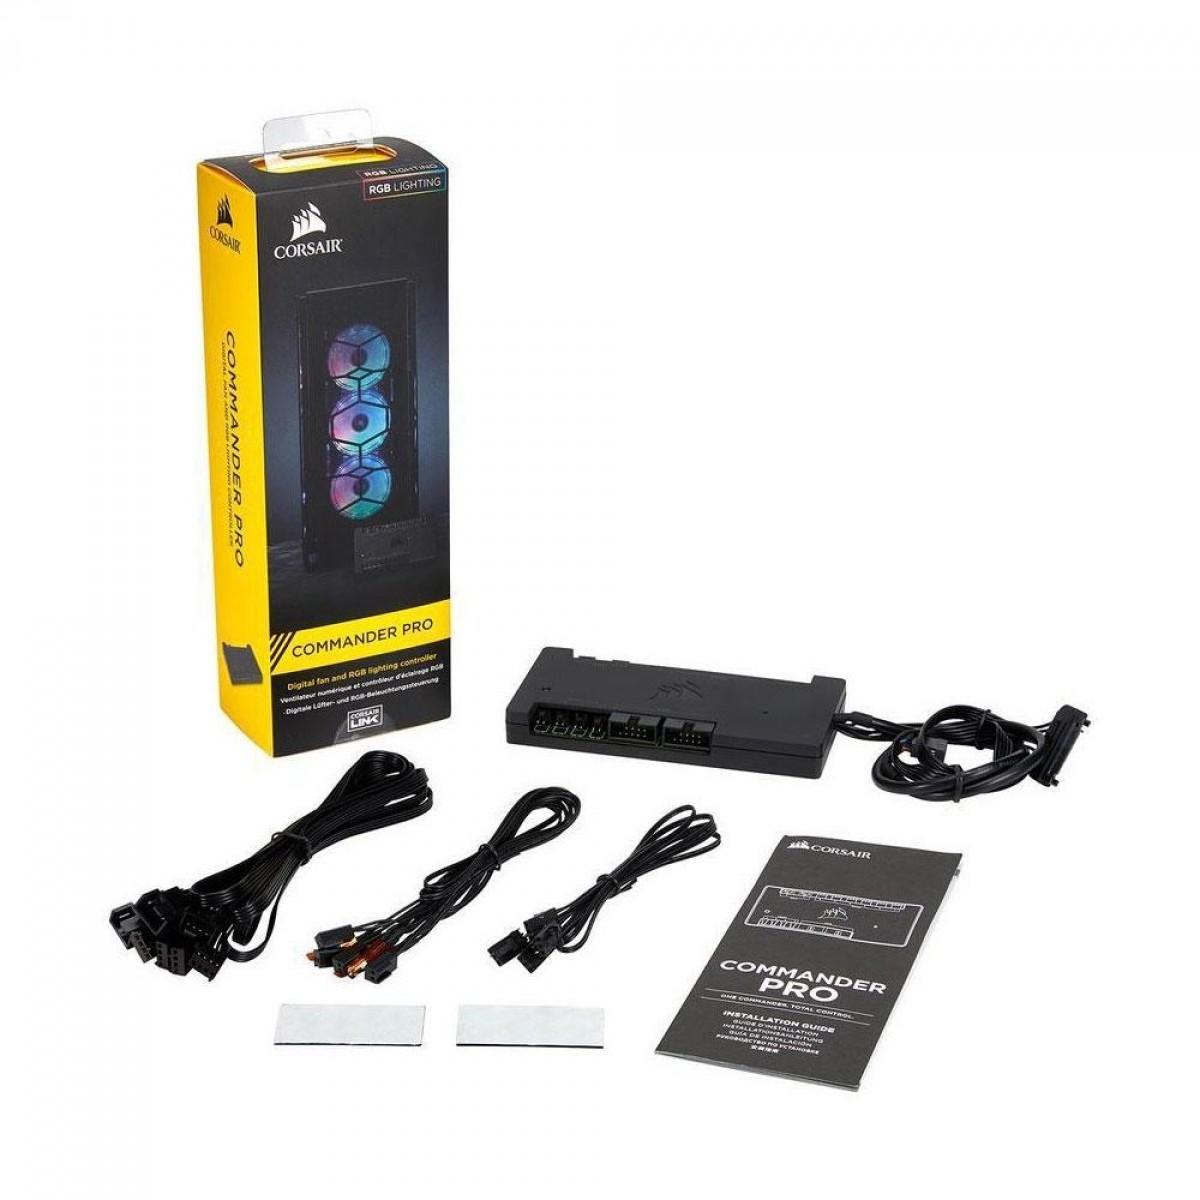 Controlador de Fan Corsair iCue Commander PRO Smart RGB, Para Velocidade e LED RGB, CL-9011110-WW